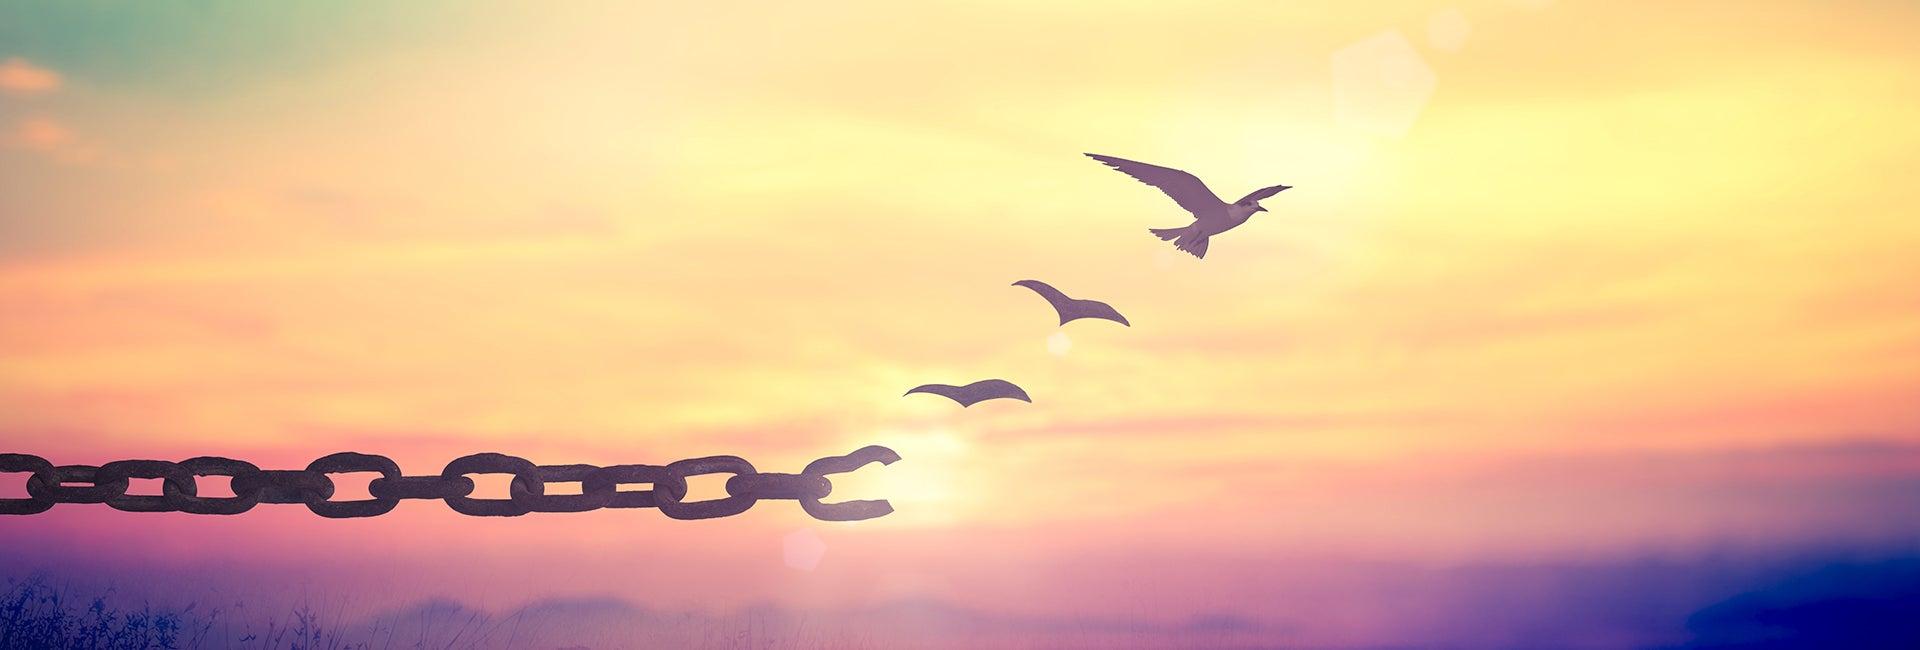 Aus einer Kette lösen sich Vögel, die vor dem Sonnenuntergang in die Luft steigen